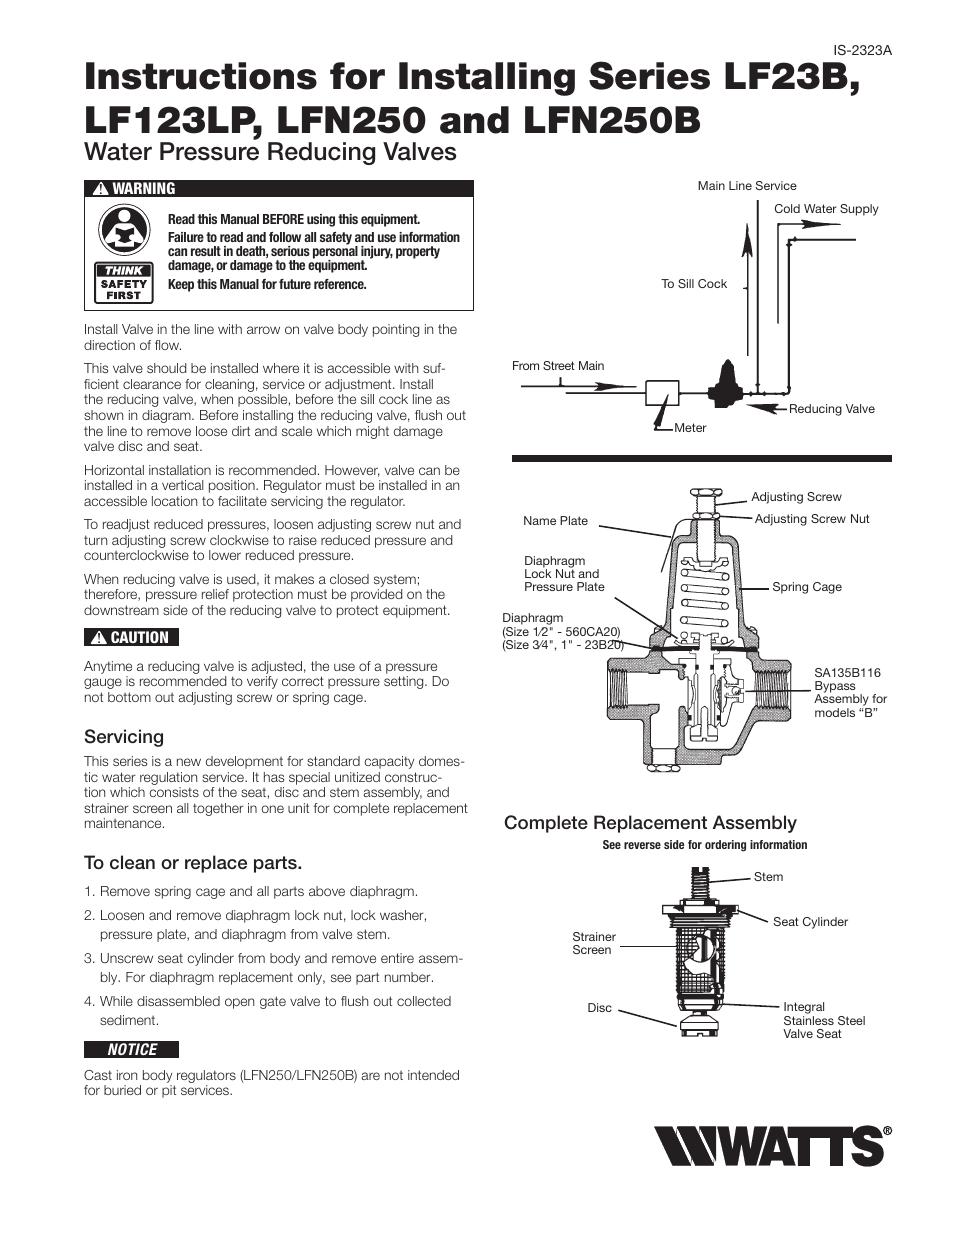 medium resolution of sillcock diagram